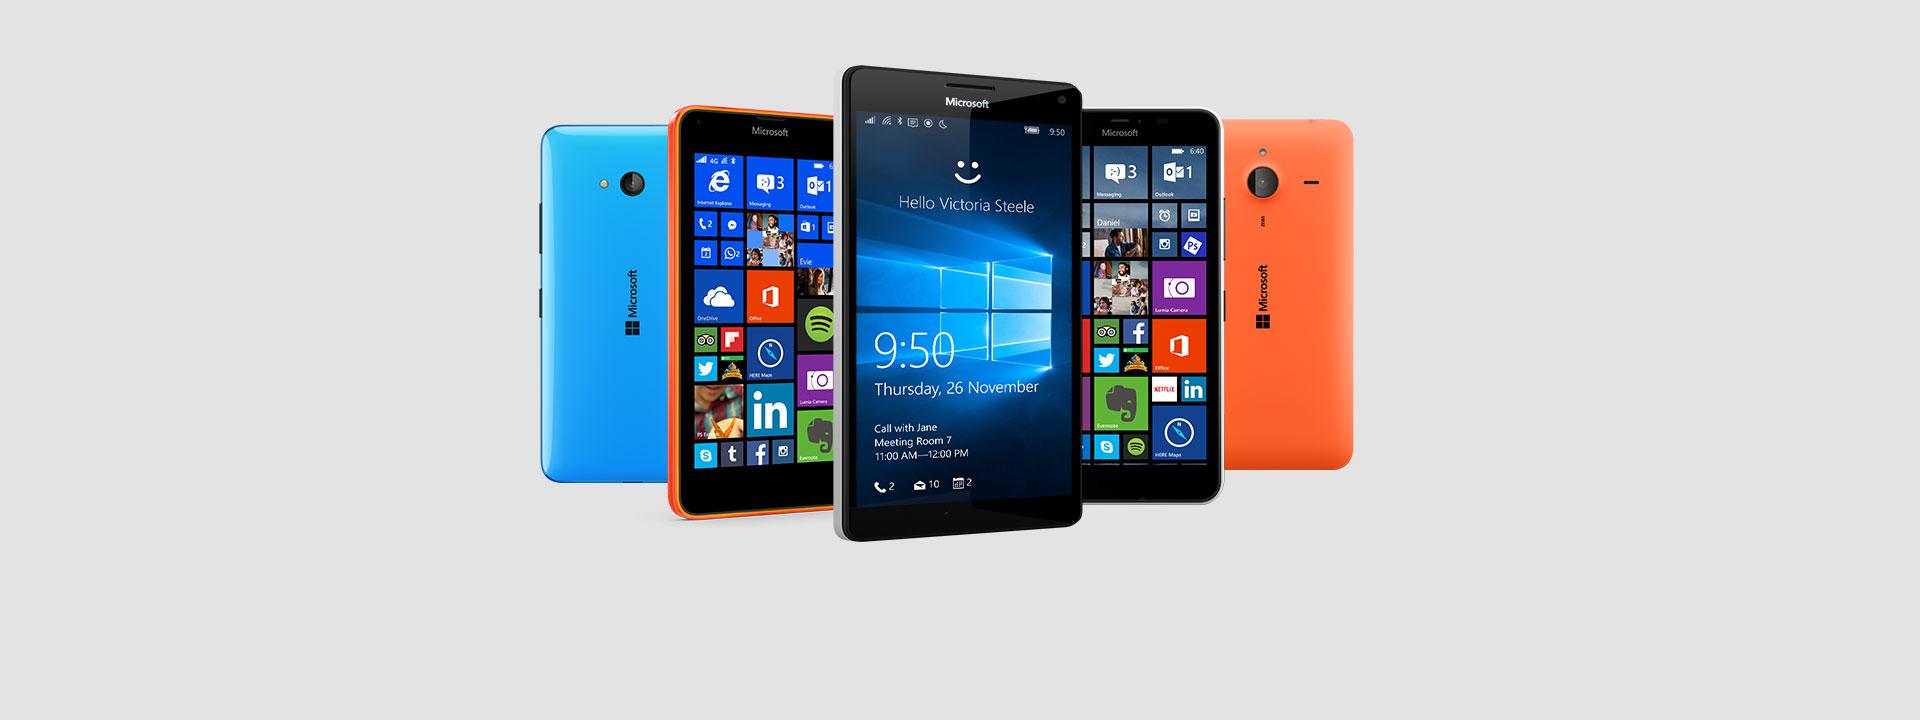 Điện thoại Lumia, tìm một chiếc điện thoại phù hợp với bạn